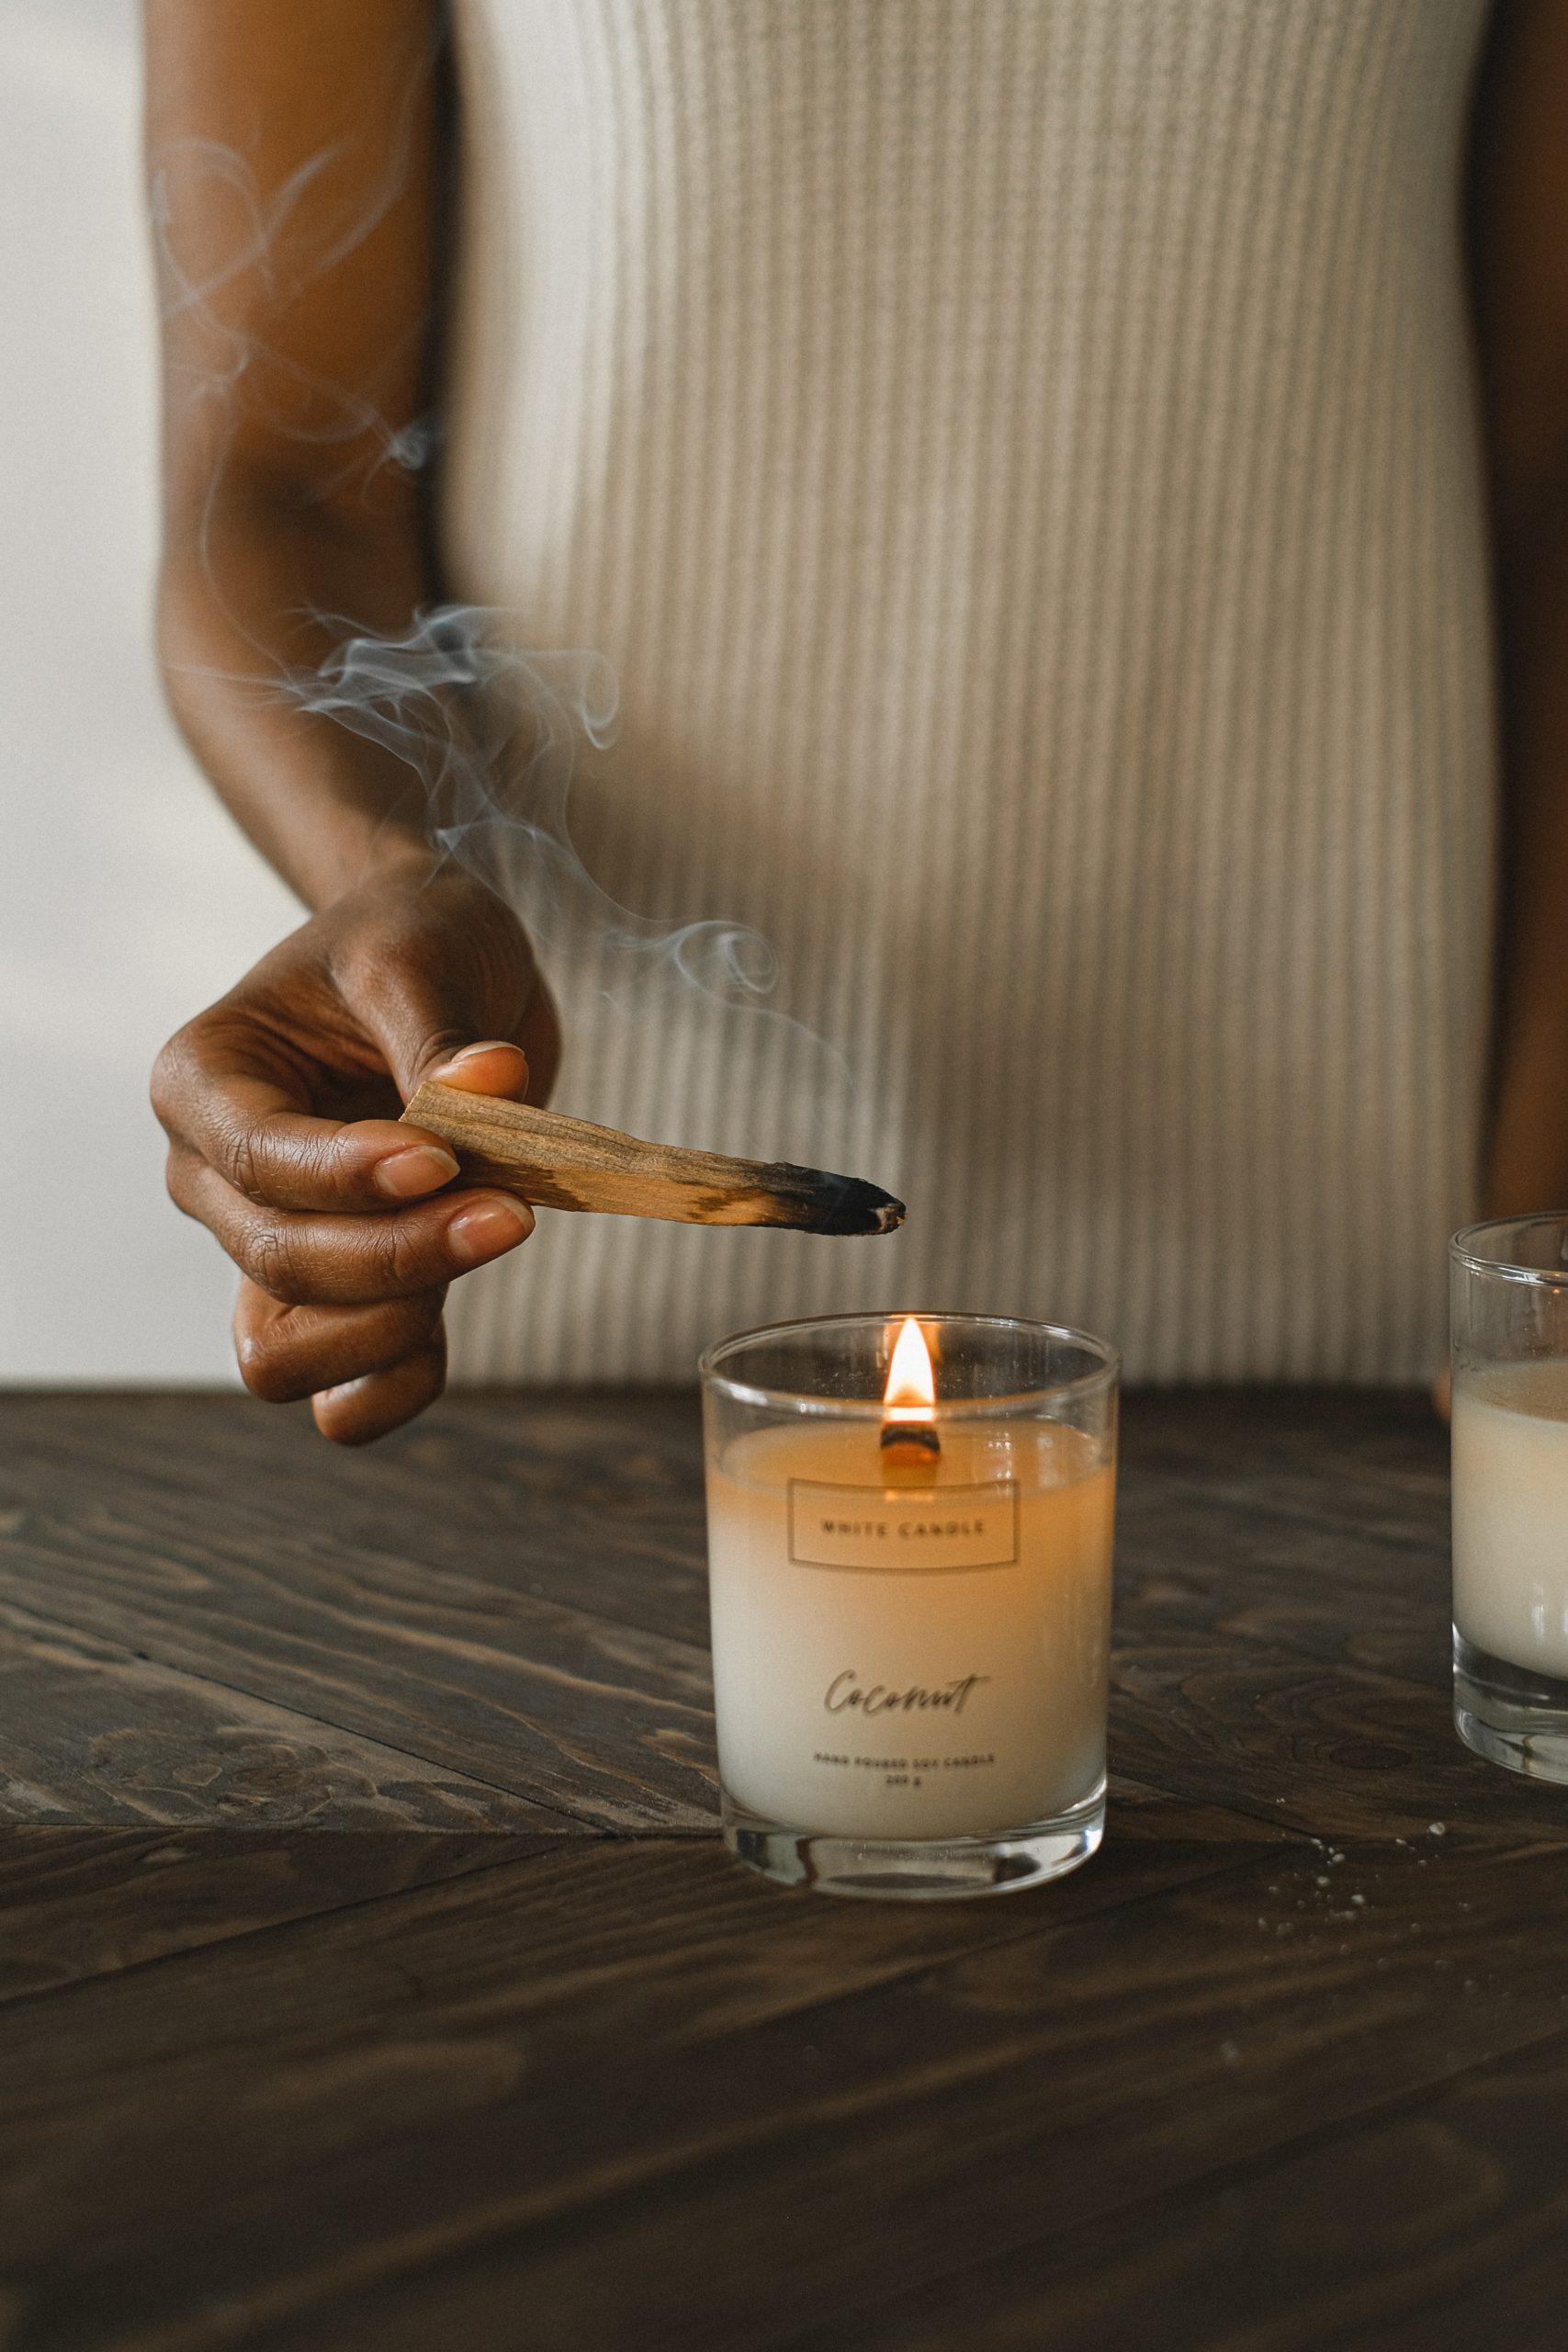 Les bougies parfumées au parfum naturel sont un moyen de faire entrer la nature chez soi.